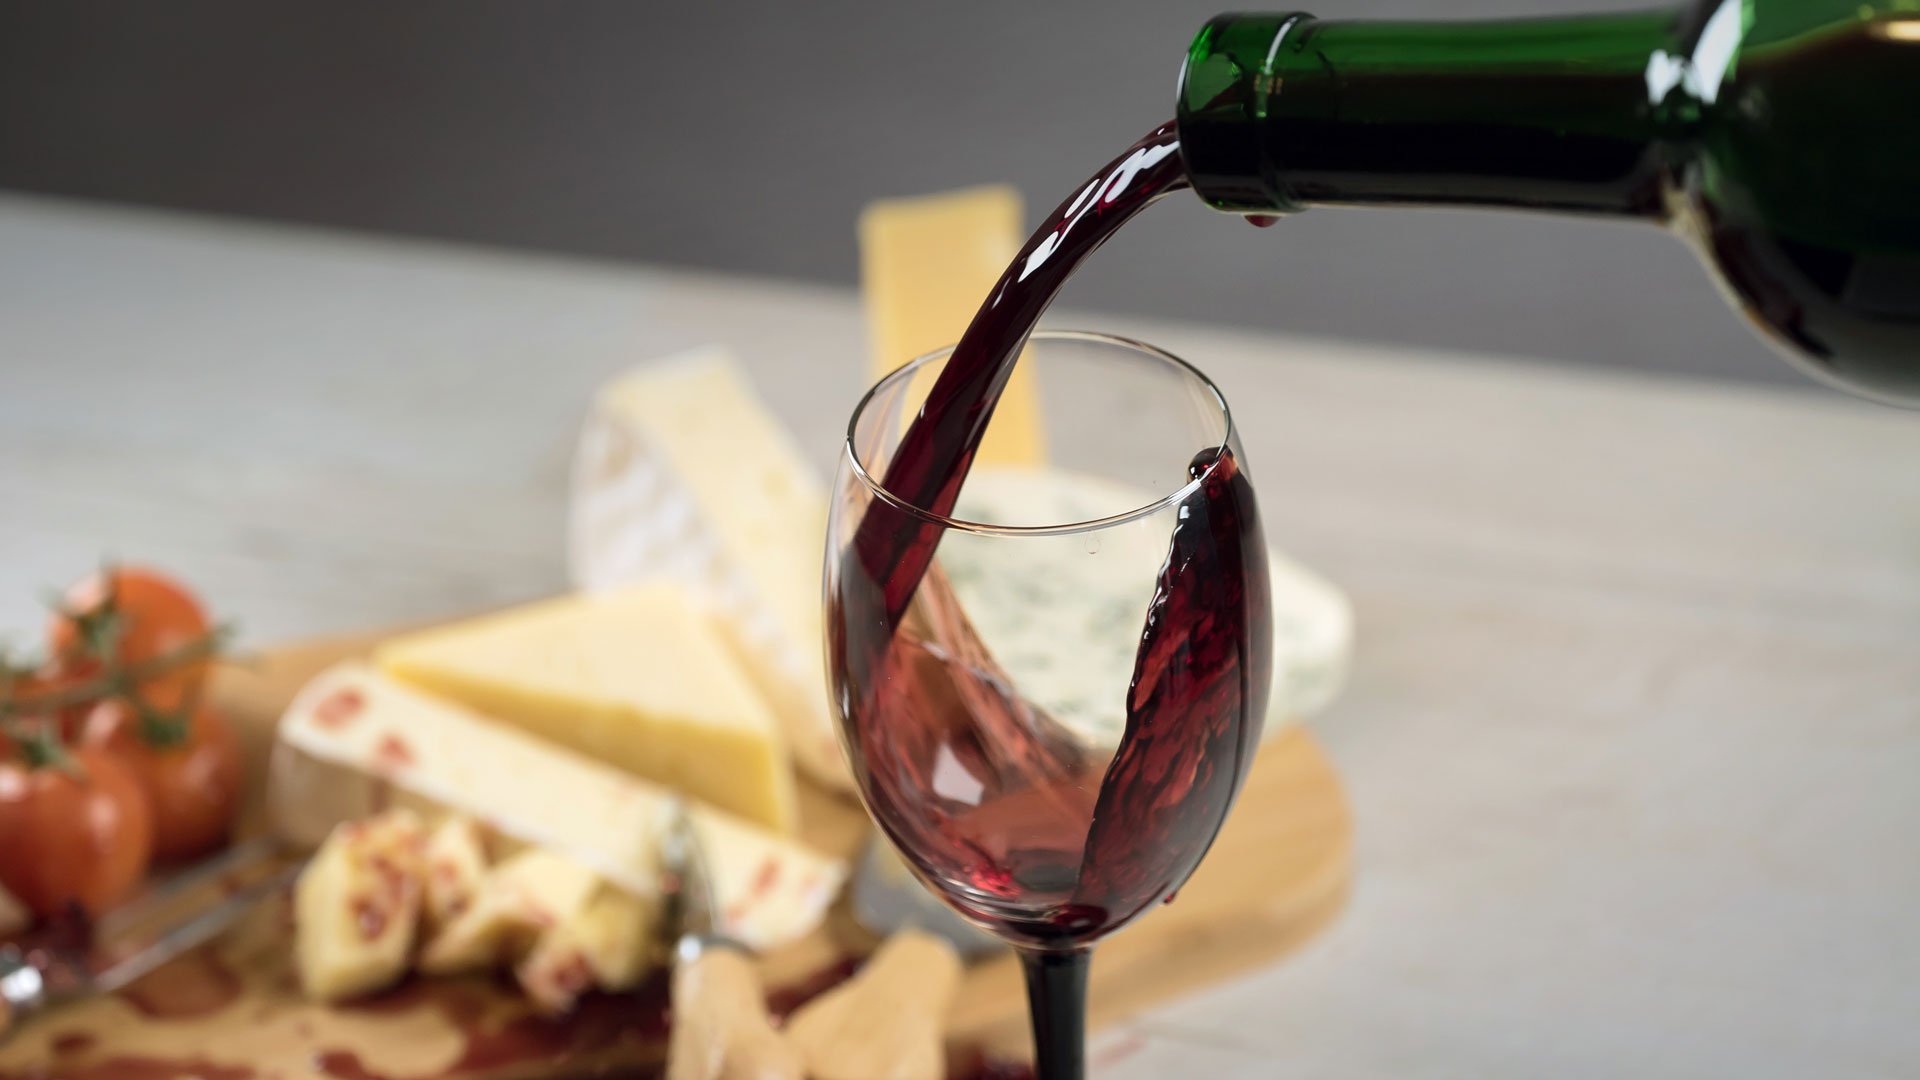 gastronomia-e-vinhos-v2